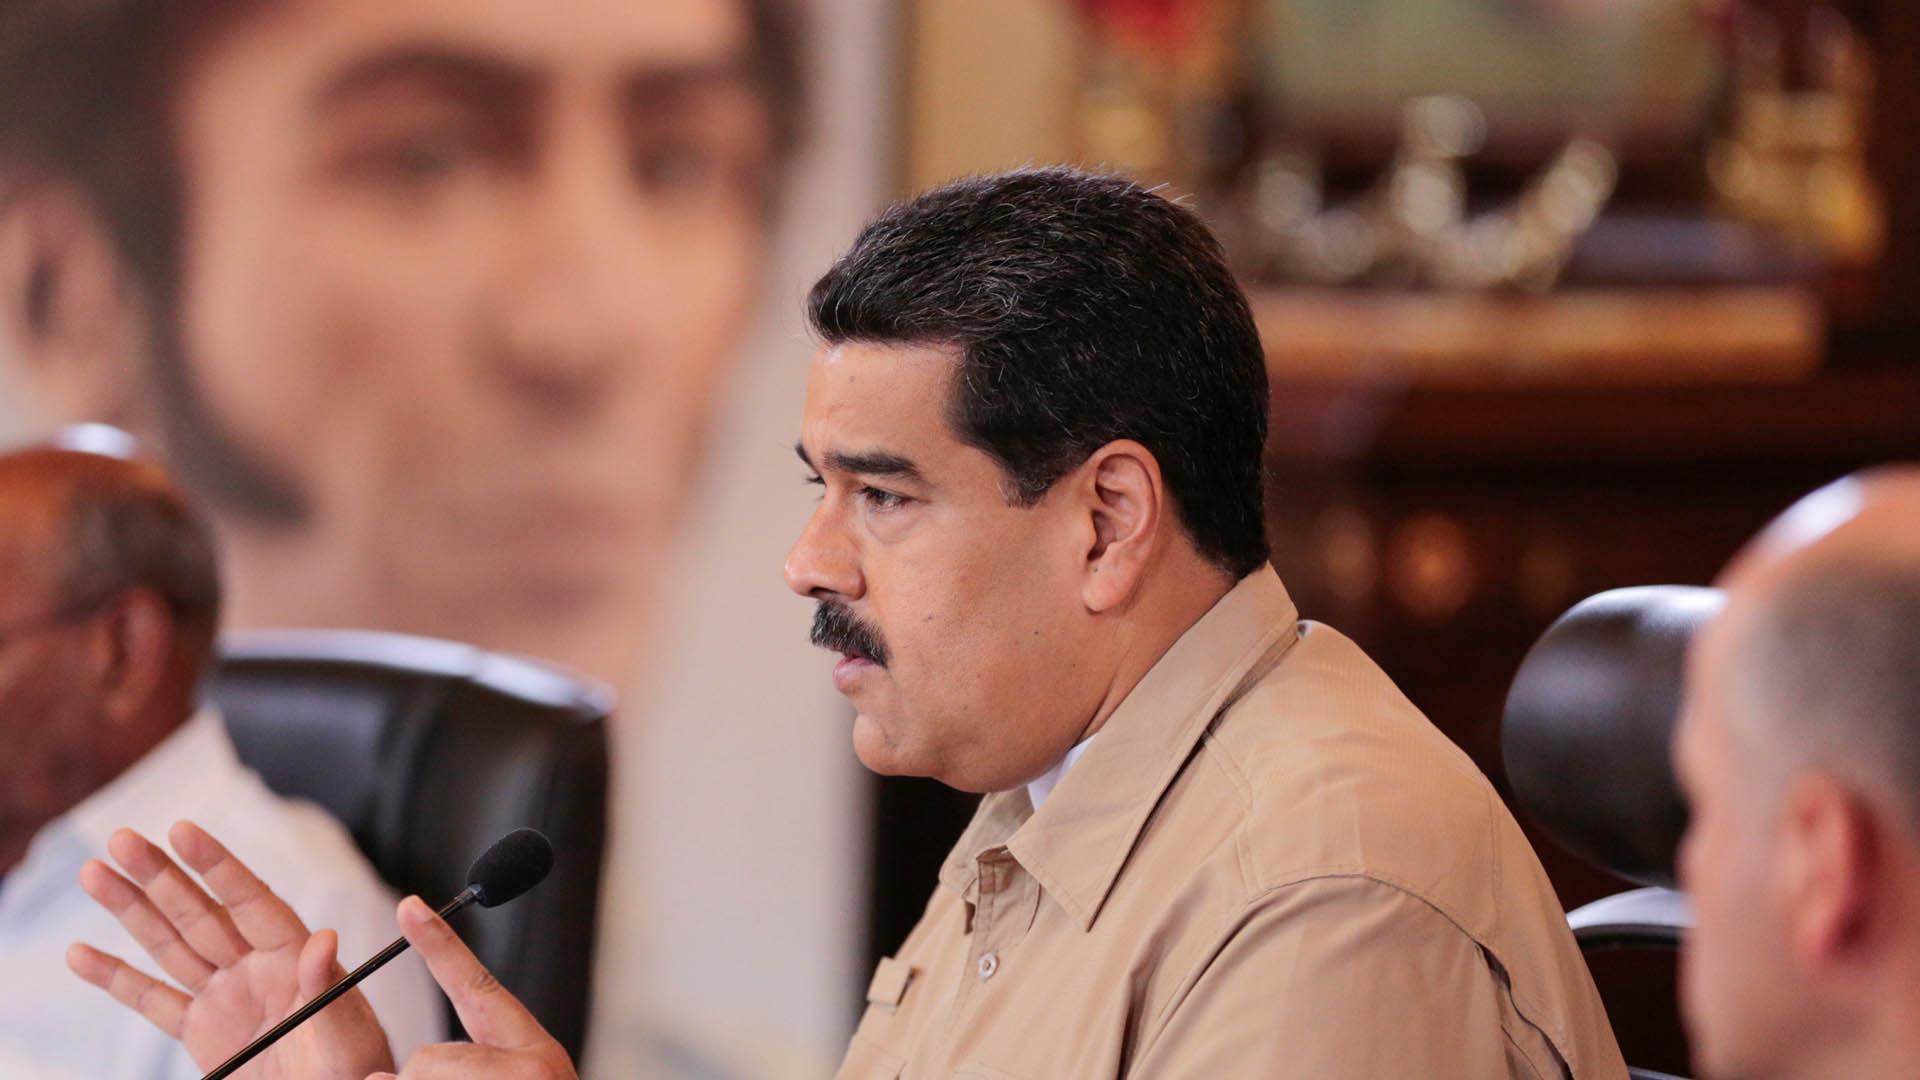 El presidente Nicolás Maduro dijo que el BCV dará más información en los próximos días sobre las denominaciones monetarias de 500 y cinco mil bolívares